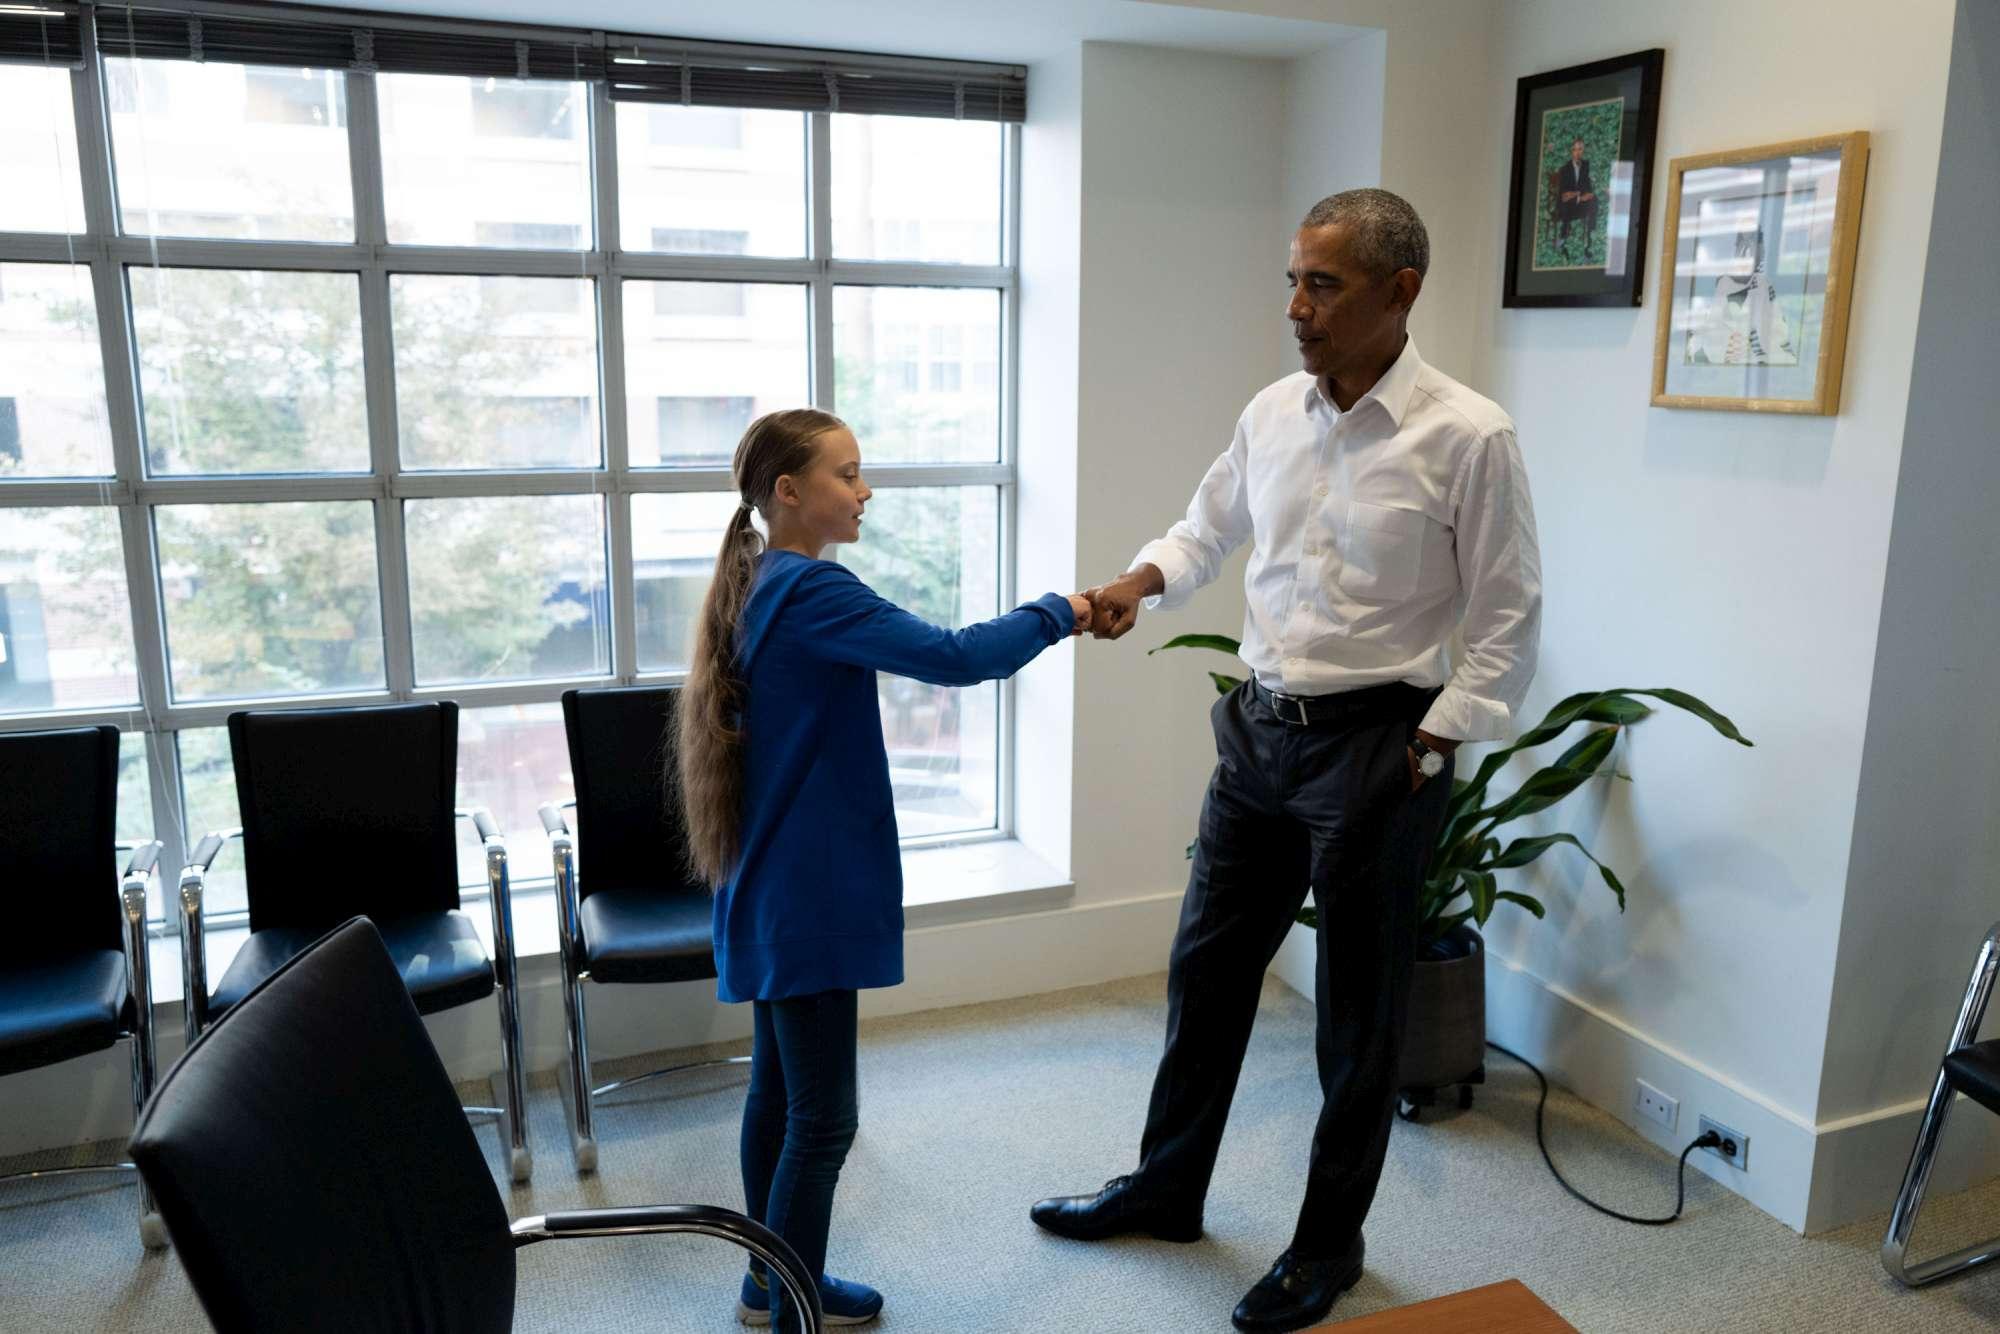 Usa, l ex Presidente Obama incontra Greta Thunberg:  A 16 anni uno dei più grandi difensori del pianeta